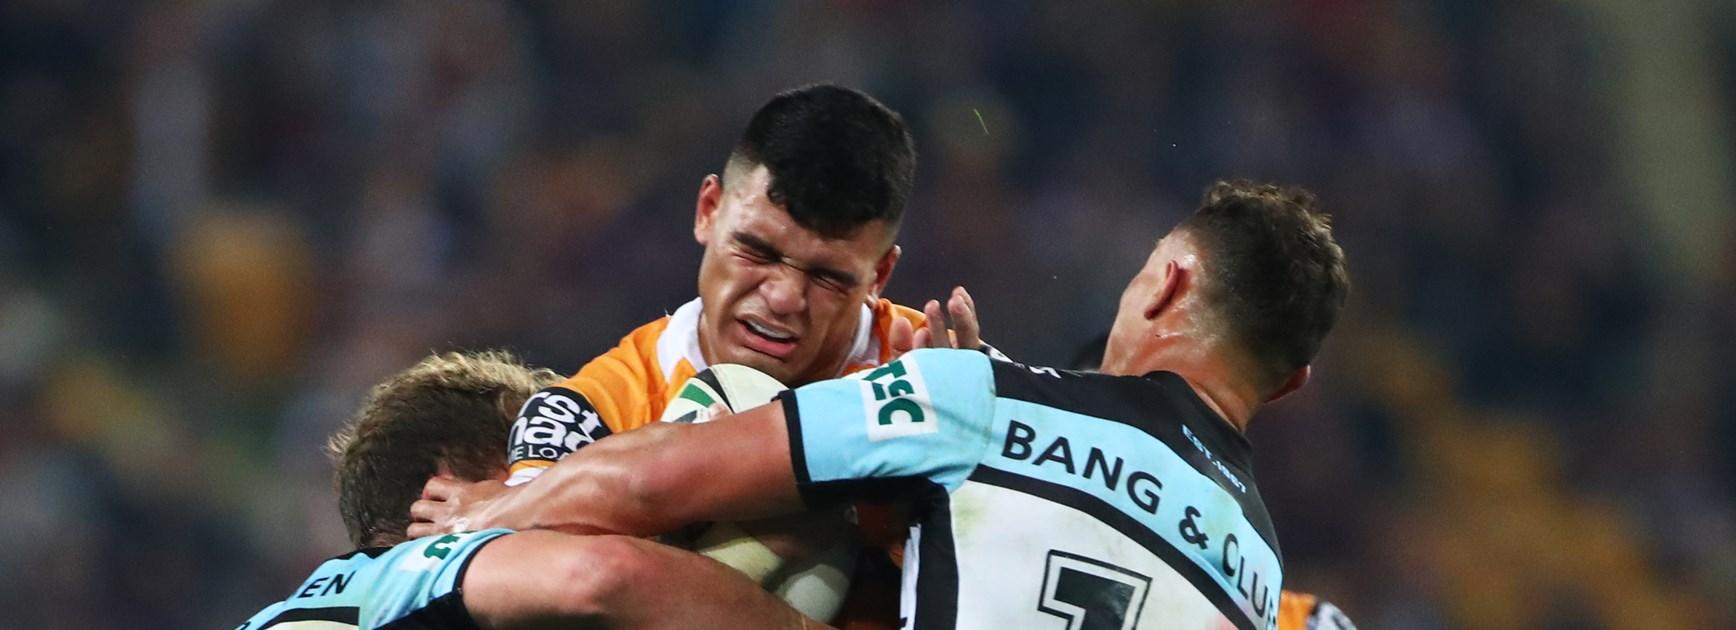 'Man-child' Fifita a key Broncos cog already: Ofahengaue